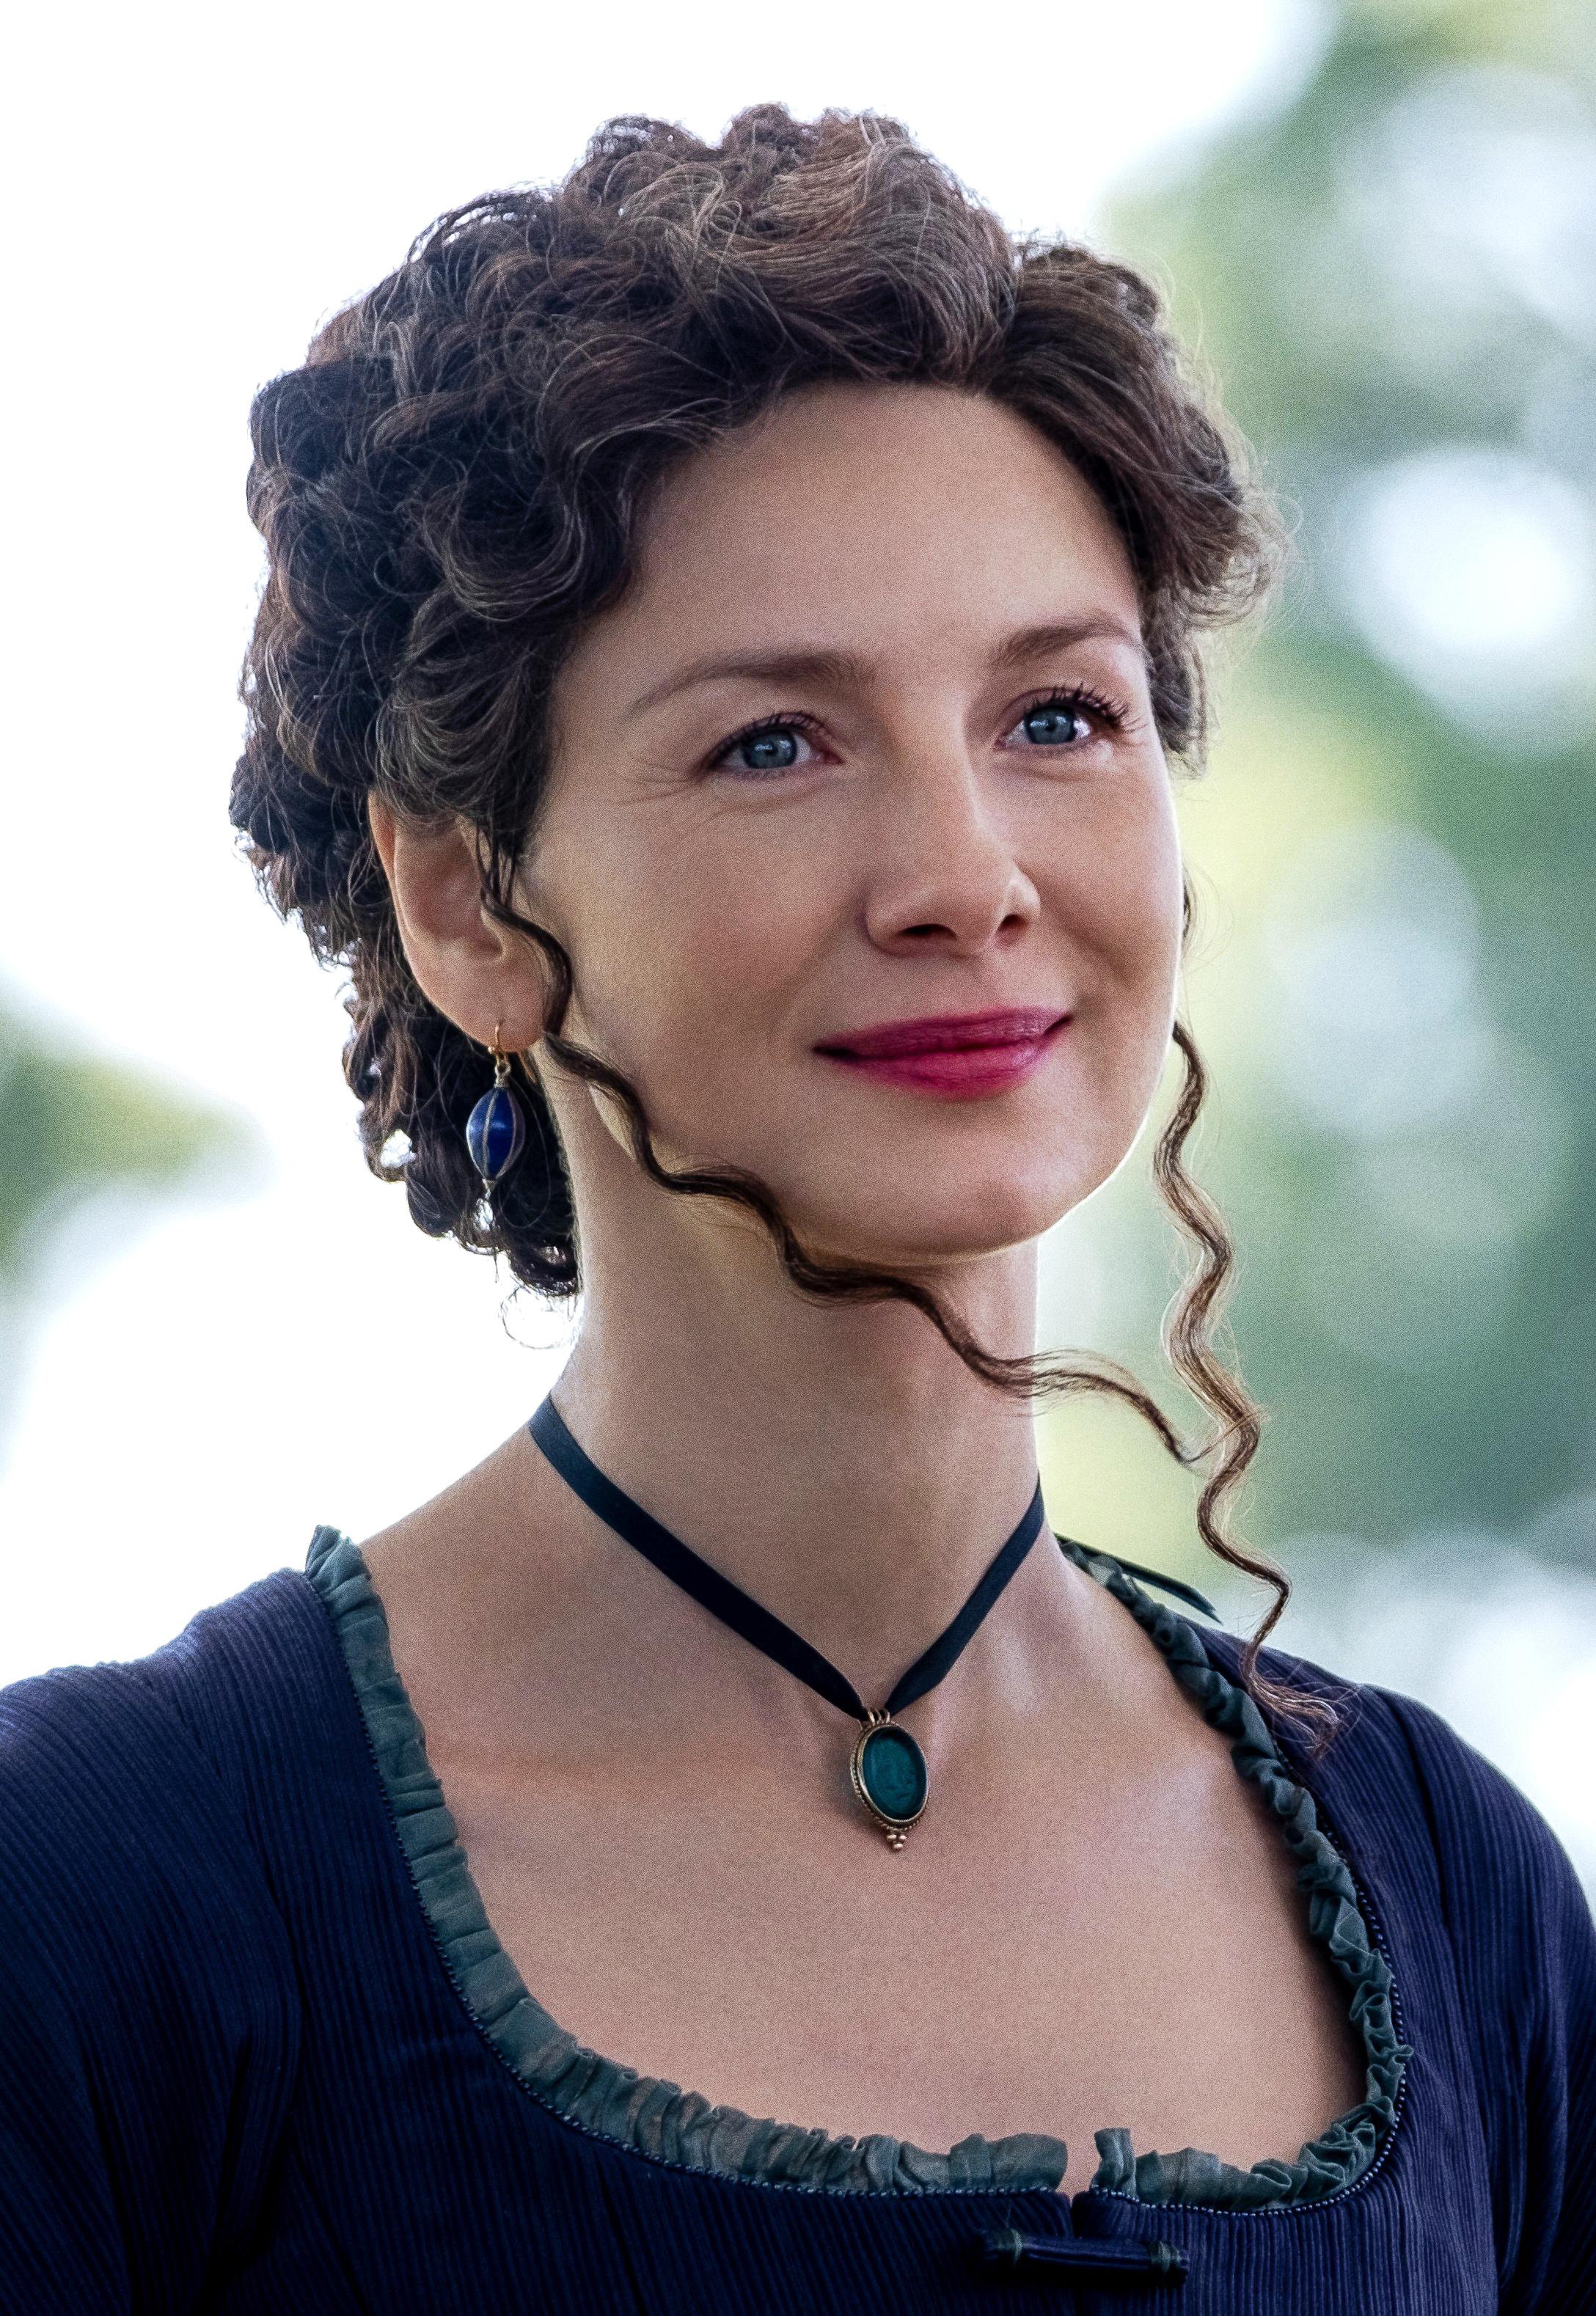 Outlander Claires Pearl Necklace Replica